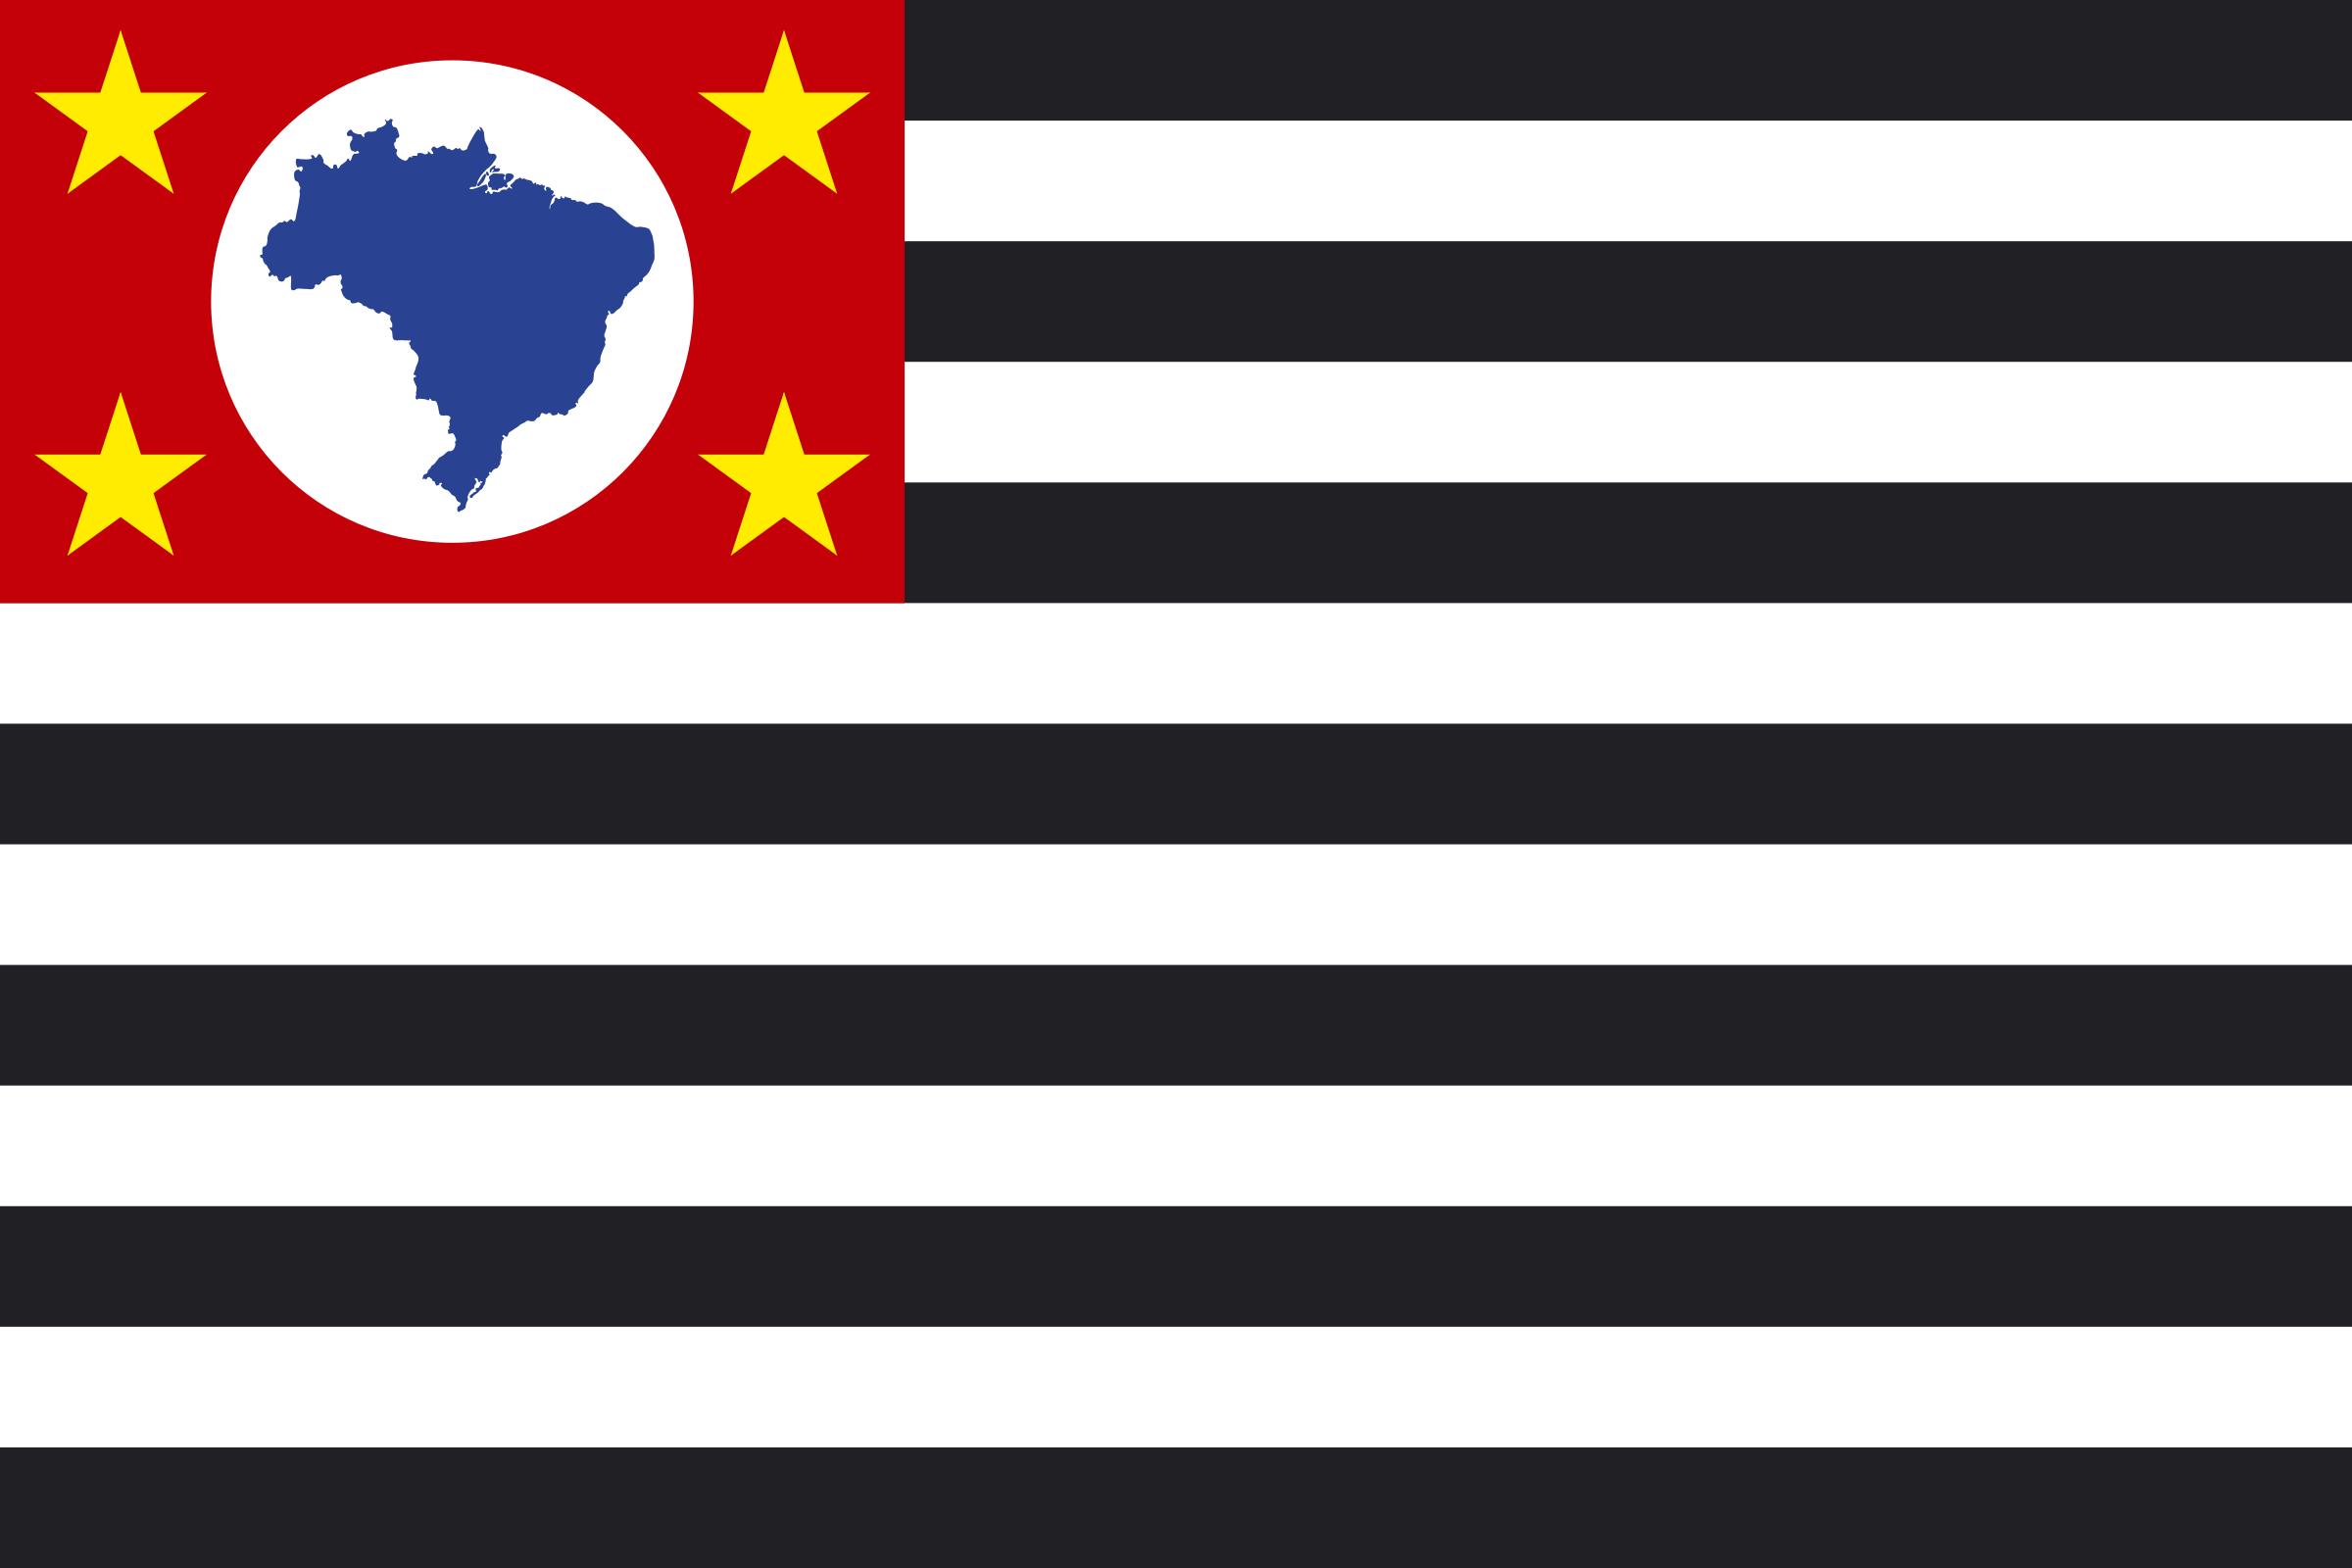 bandeira-do-estado-de-sao-paulo-1